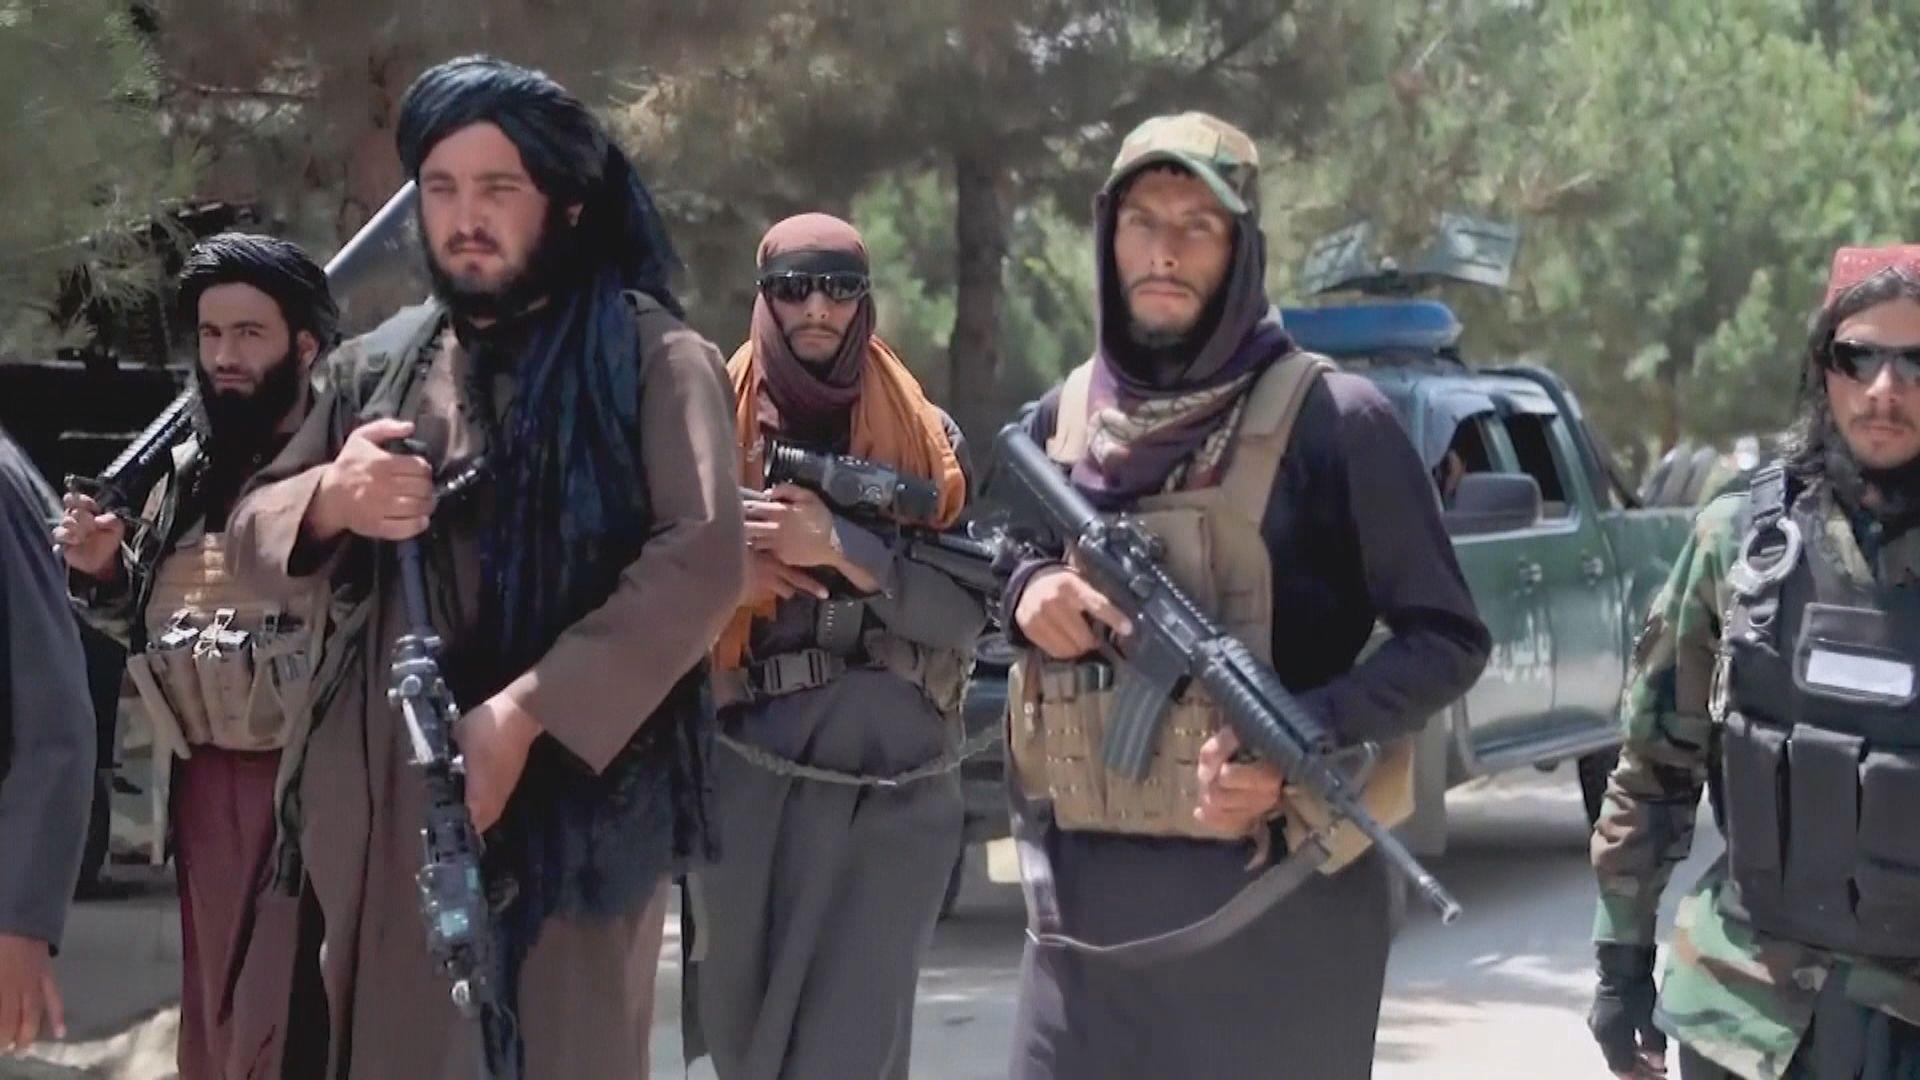 巴拉達爾現身澄清塔利班內部沒有出現爭執